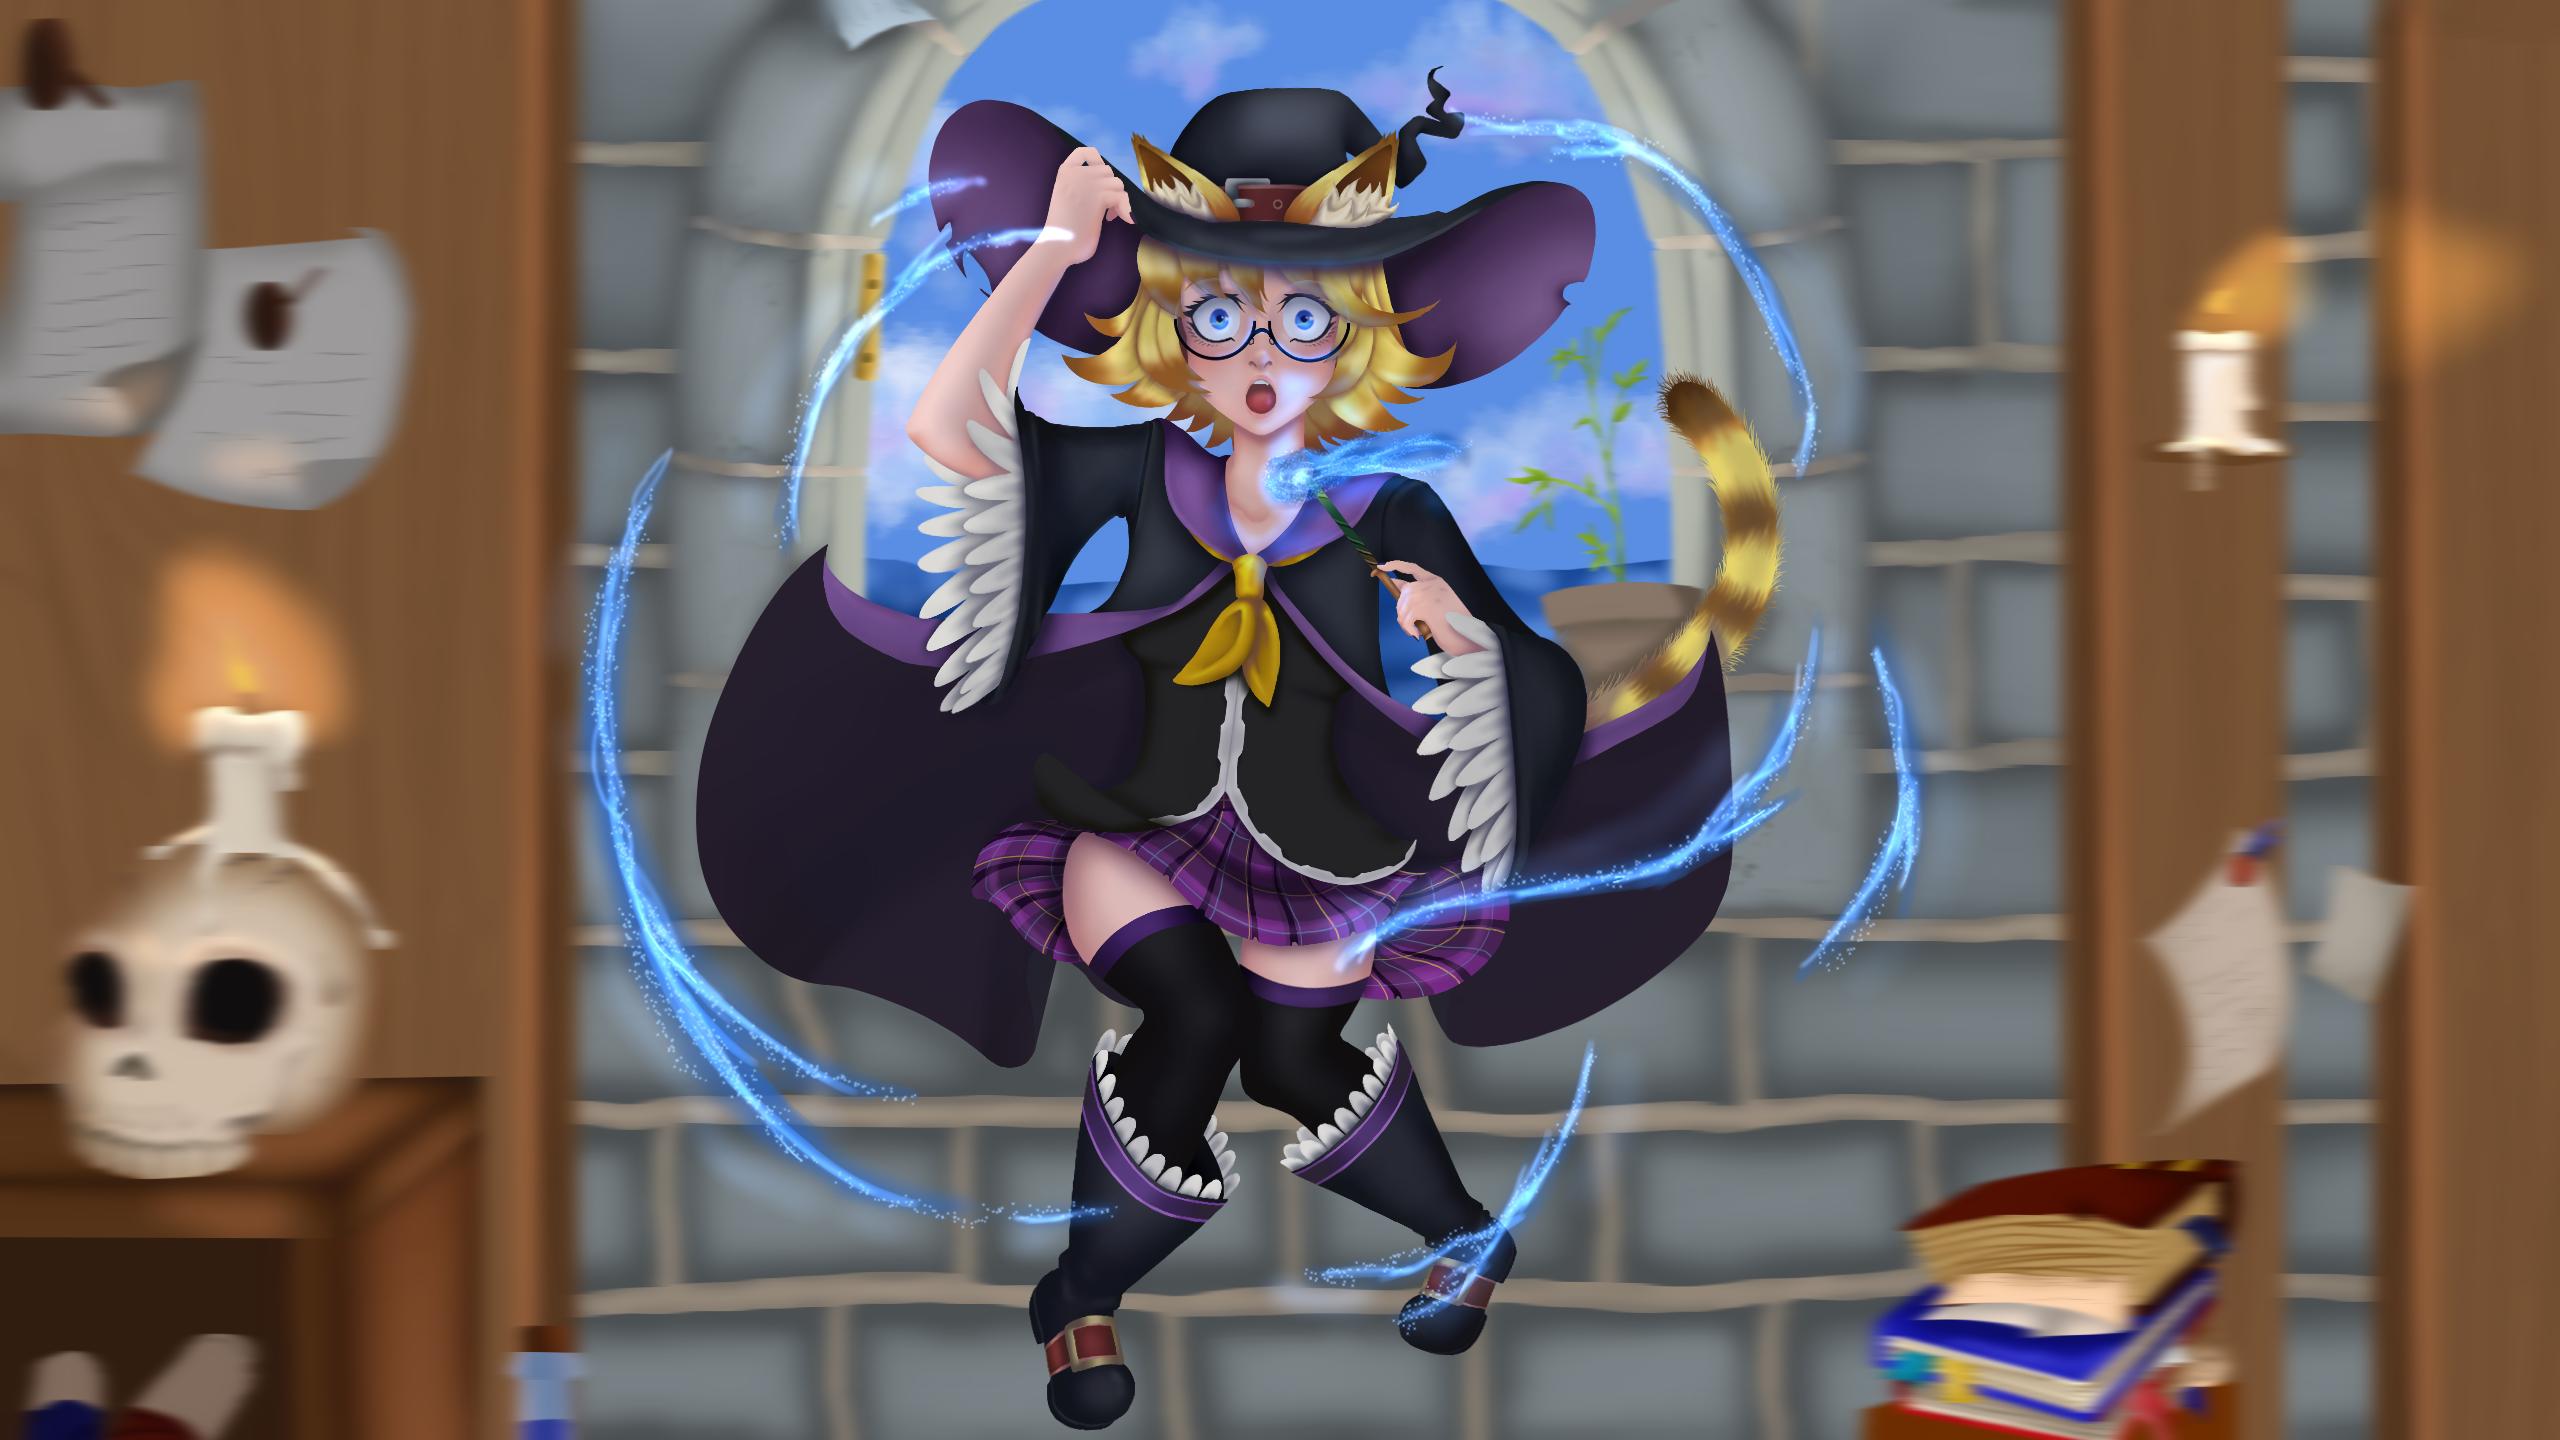 MagicalKittyV2